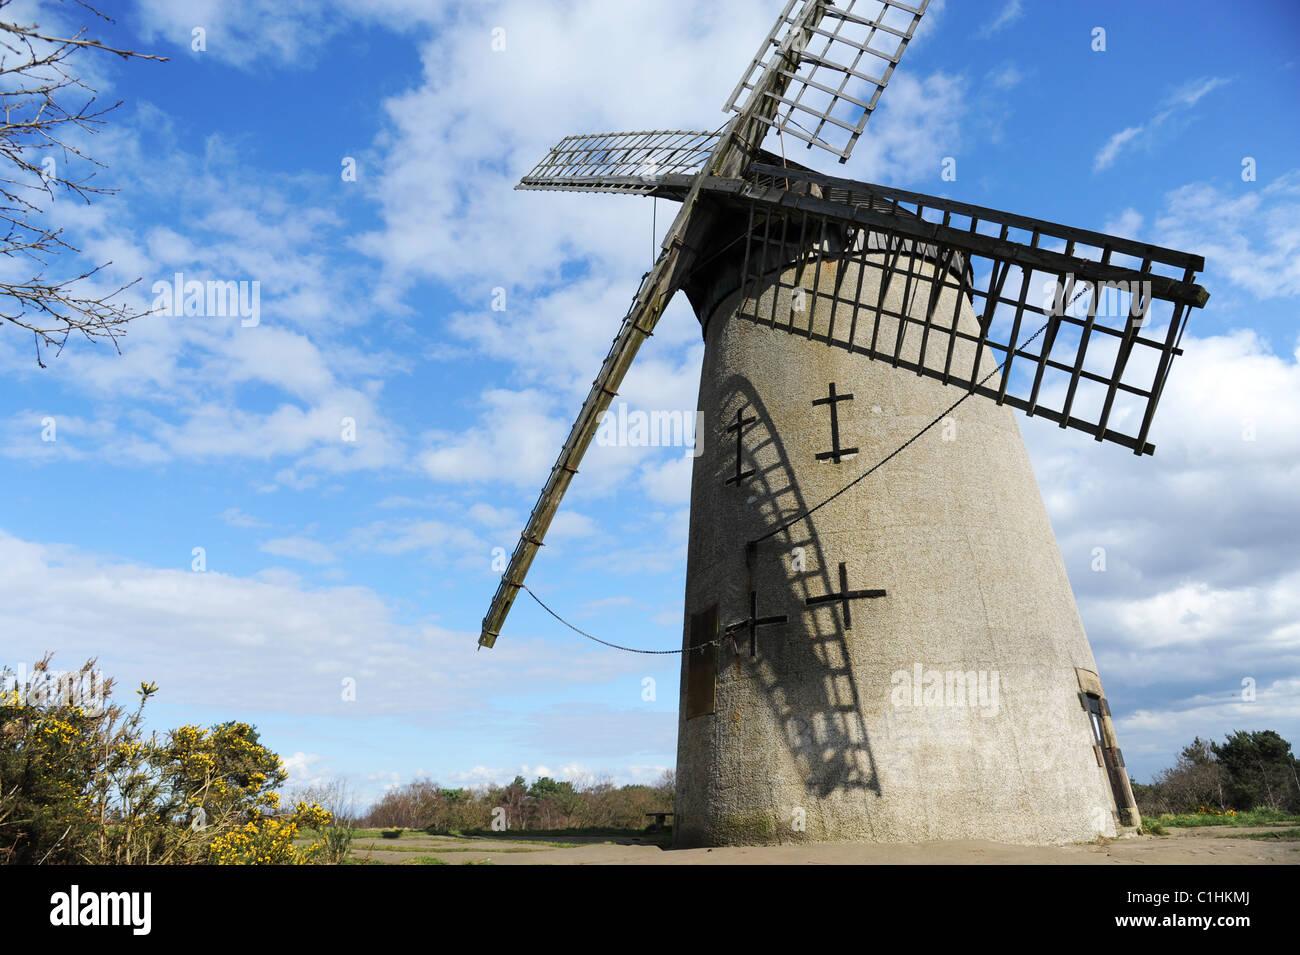 Bidston windmill on Bidston Hill, Wirral Peninsula. - Stock Image